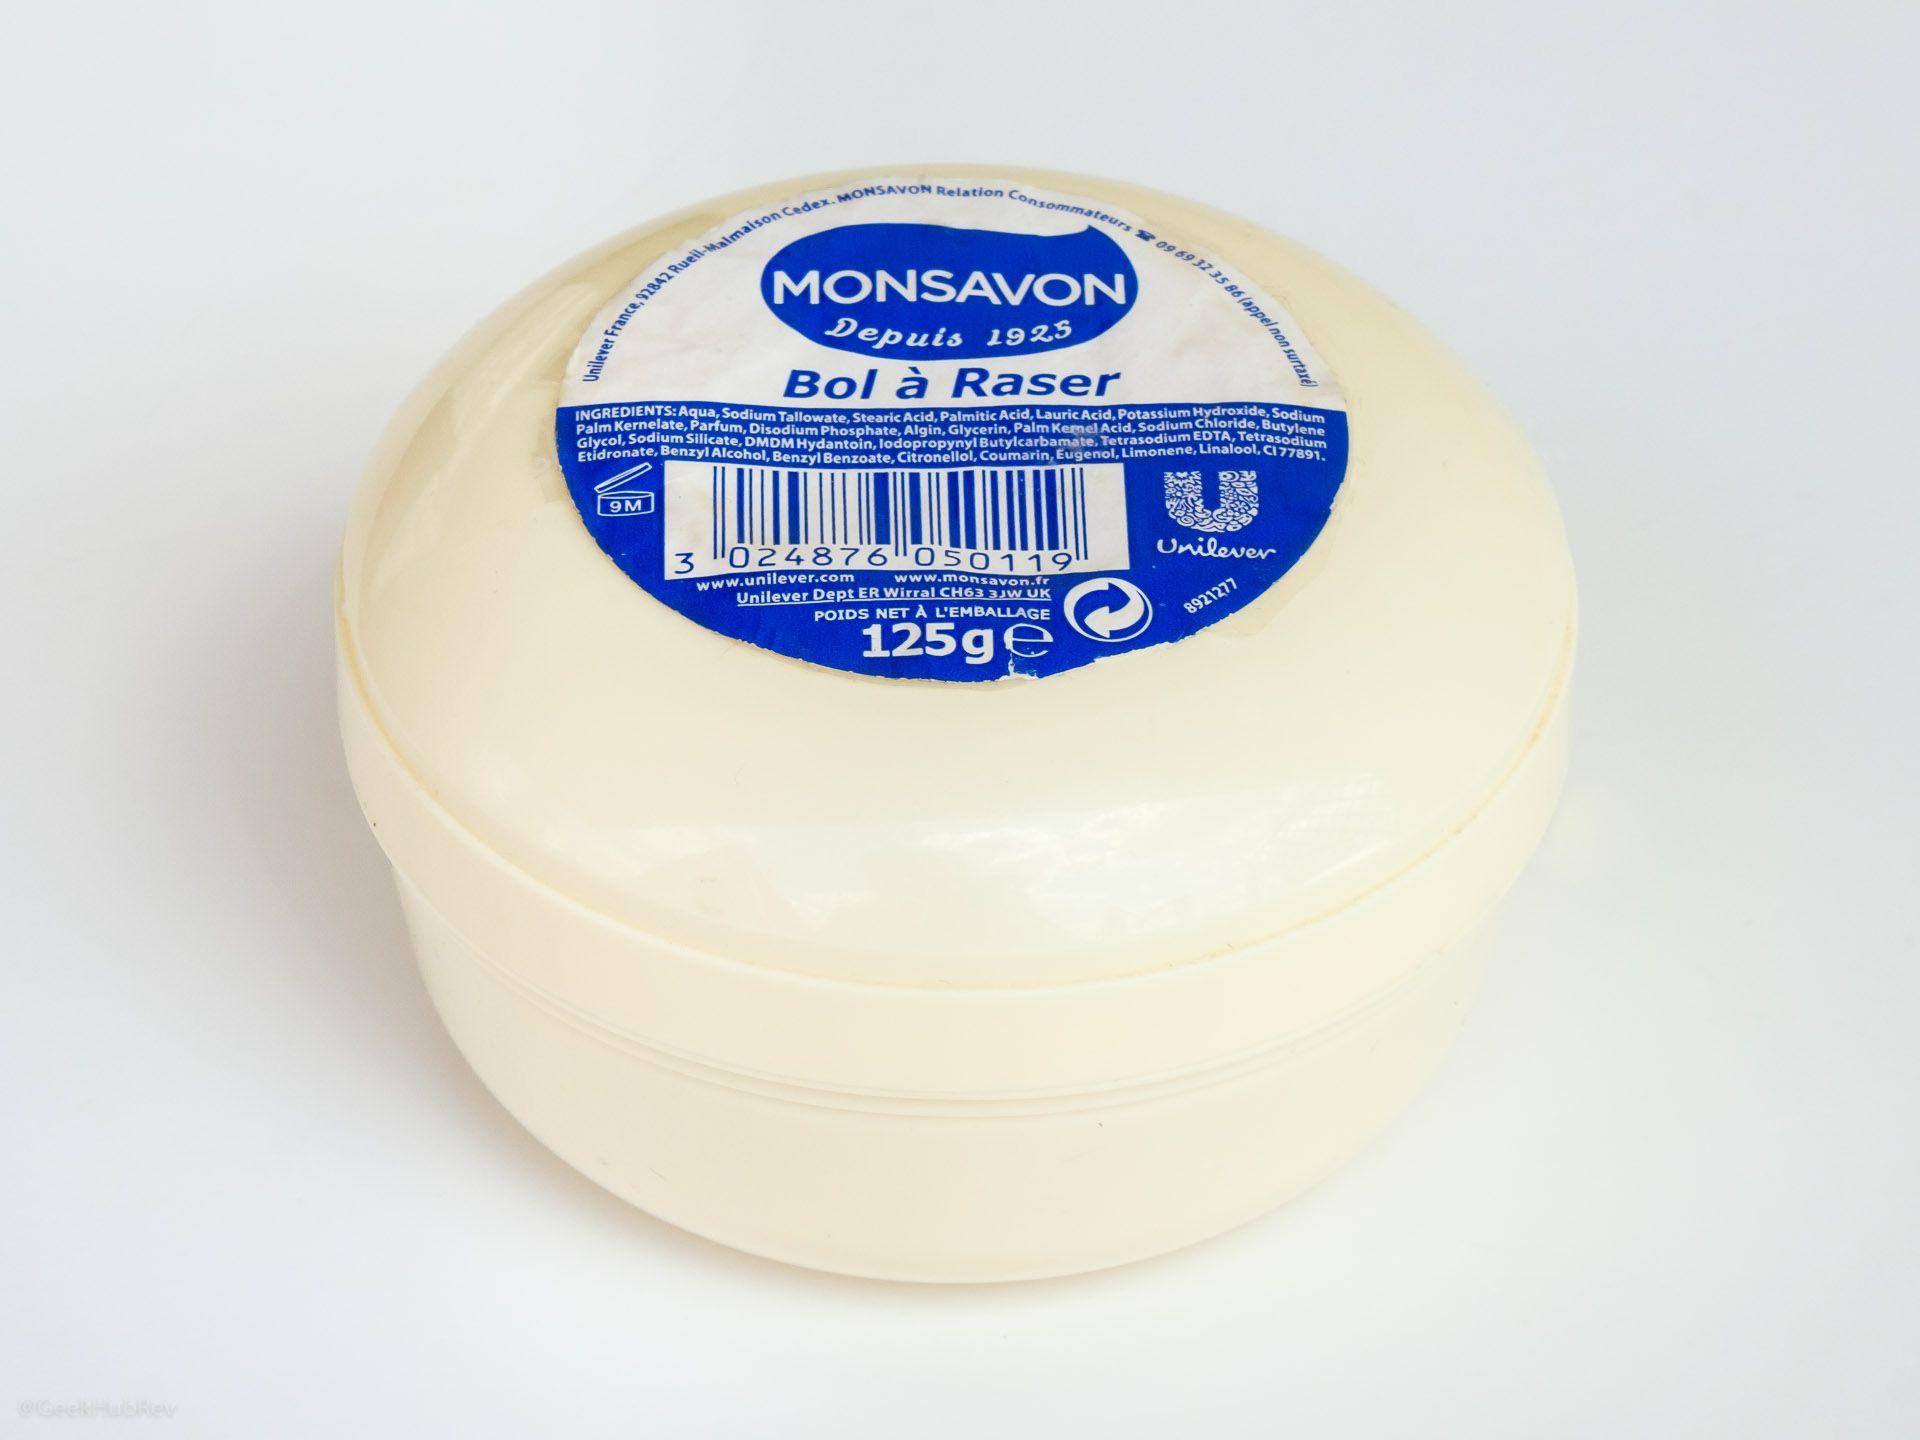 Opakowanie mydła do golenia Monsavon Bol à Raser